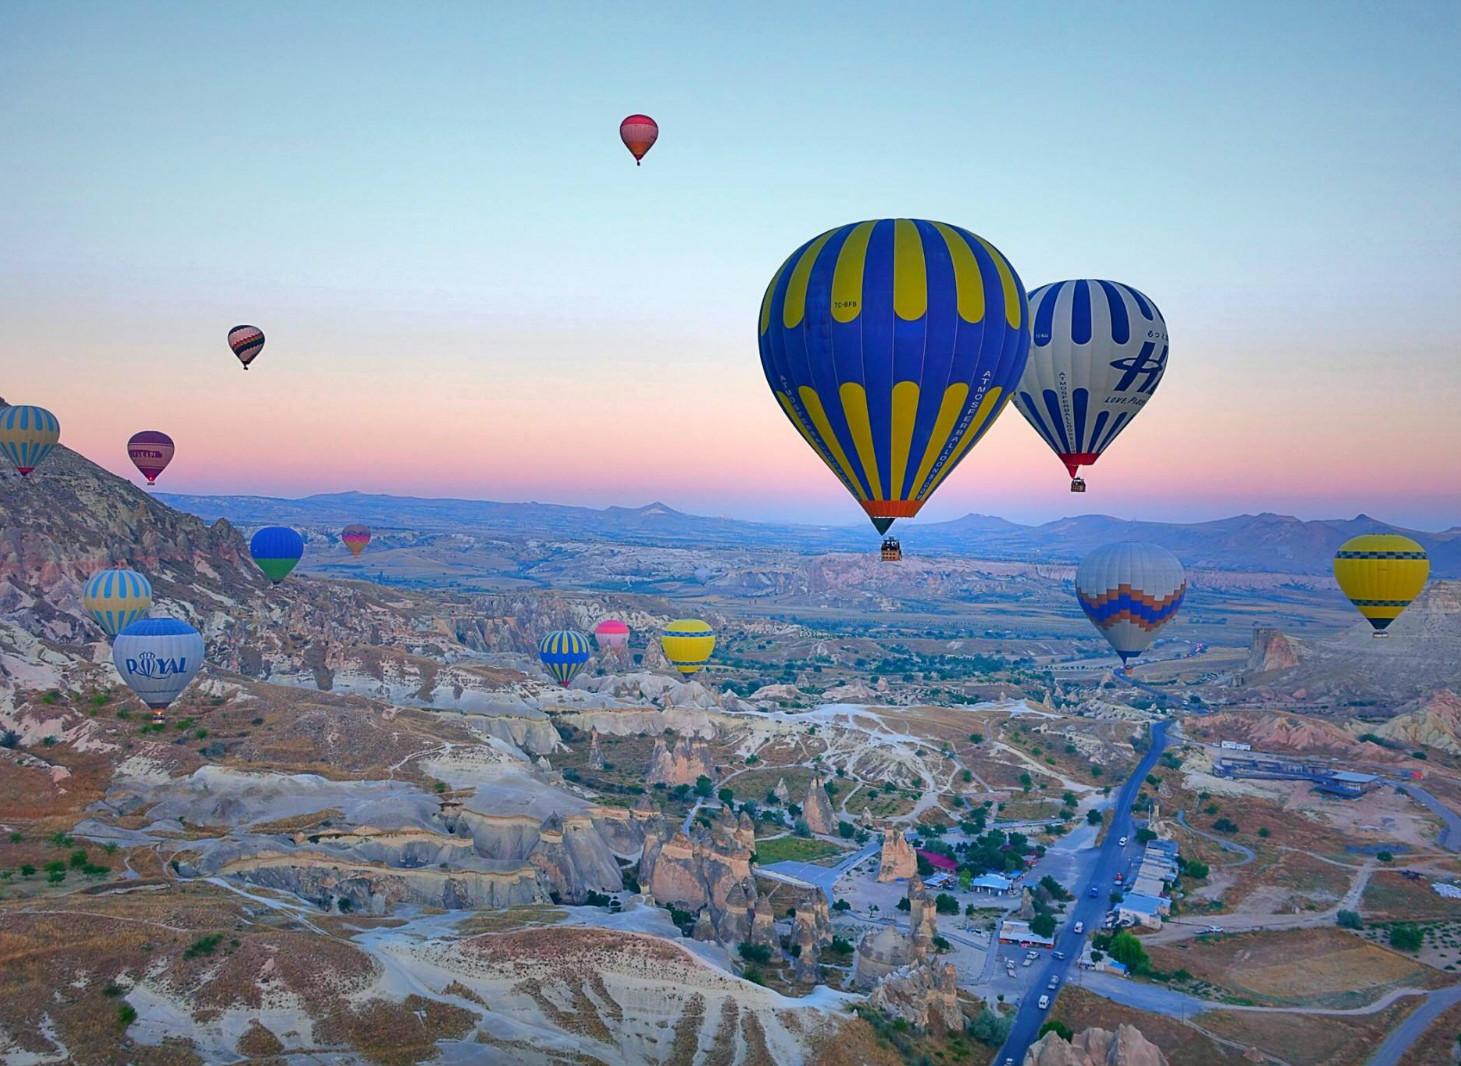 """土耳其旅游线路土耳其是一个横跨欧亚大陆的伊斯兰教国家,被称为""""文明的摇篮""""。"""